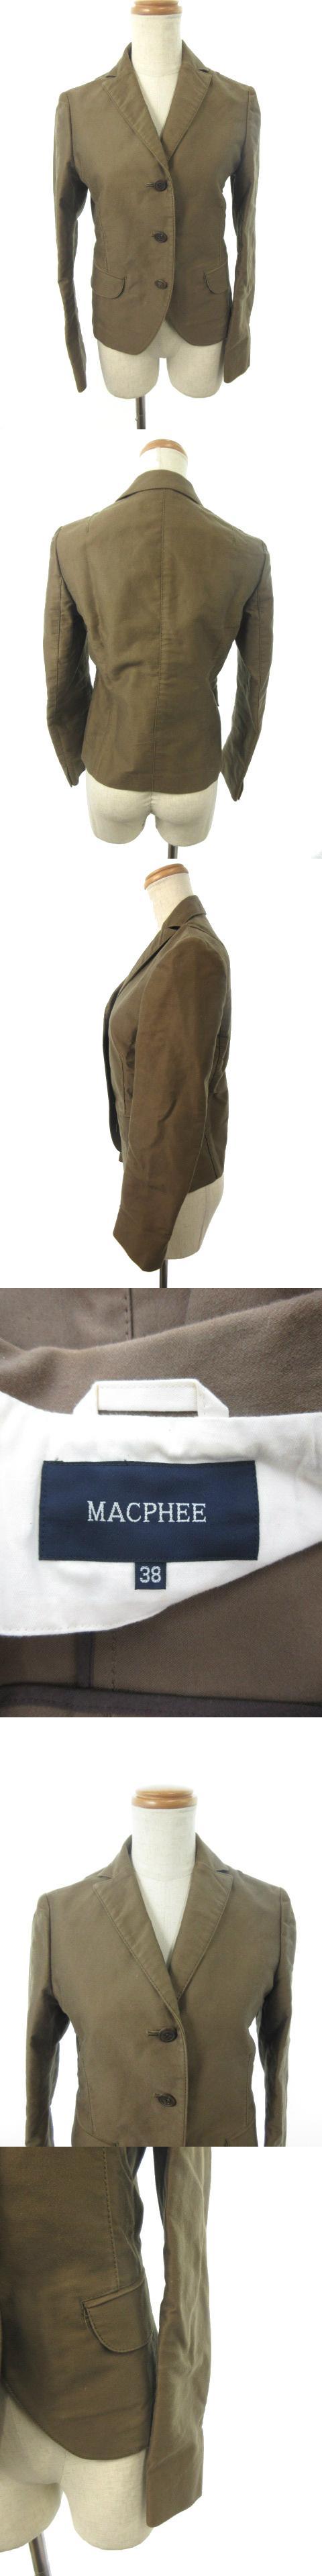 ジャケット テーラード 背抜き シングル 38 茶 ブラウン /RK16